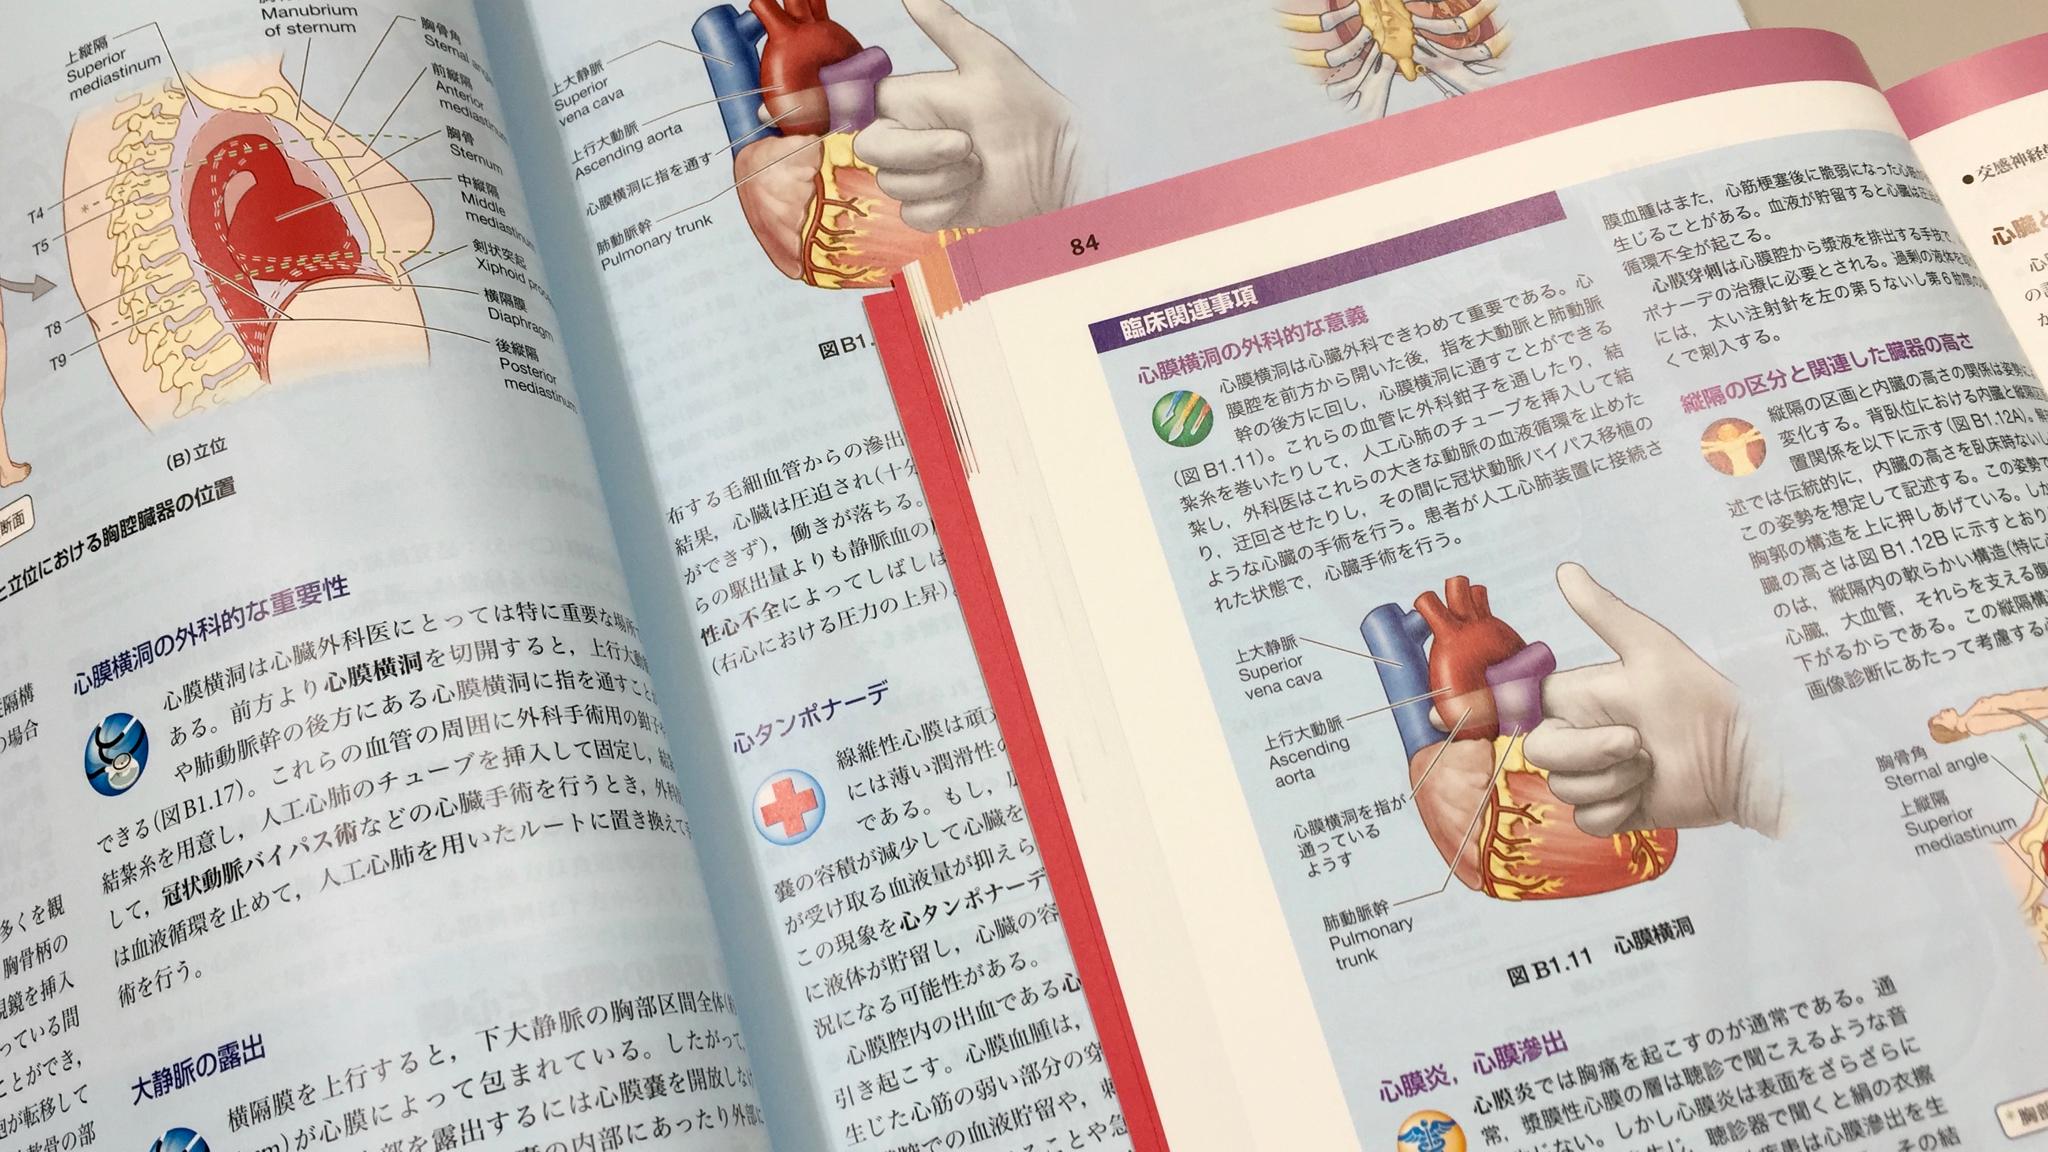 臨床関連事項。重要なものが選抜されている。